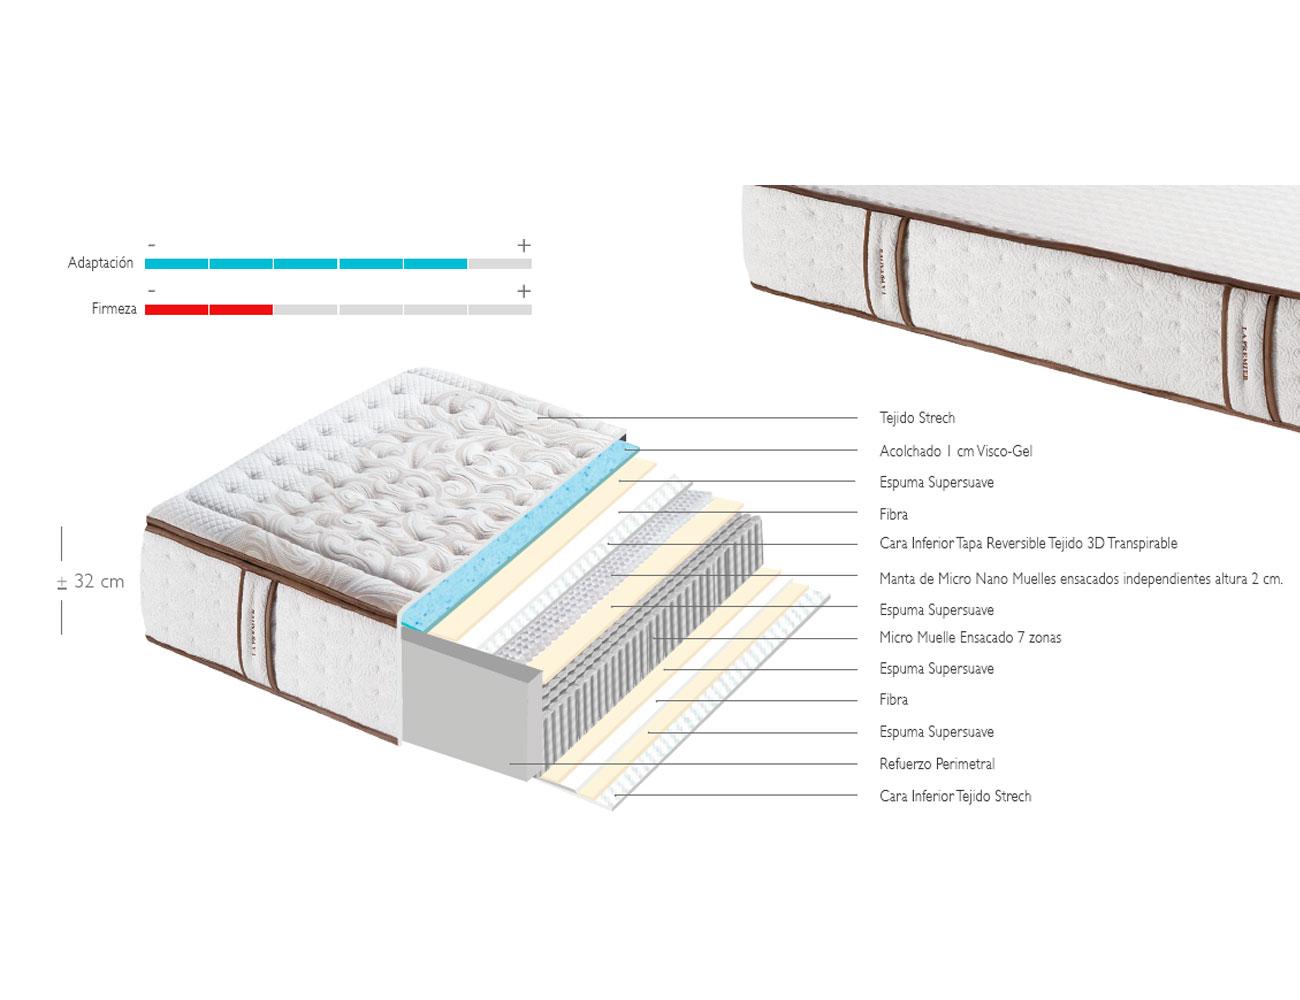 Colchon la premiere nano muelle micro 7 zonas descanso viscoelastico 119